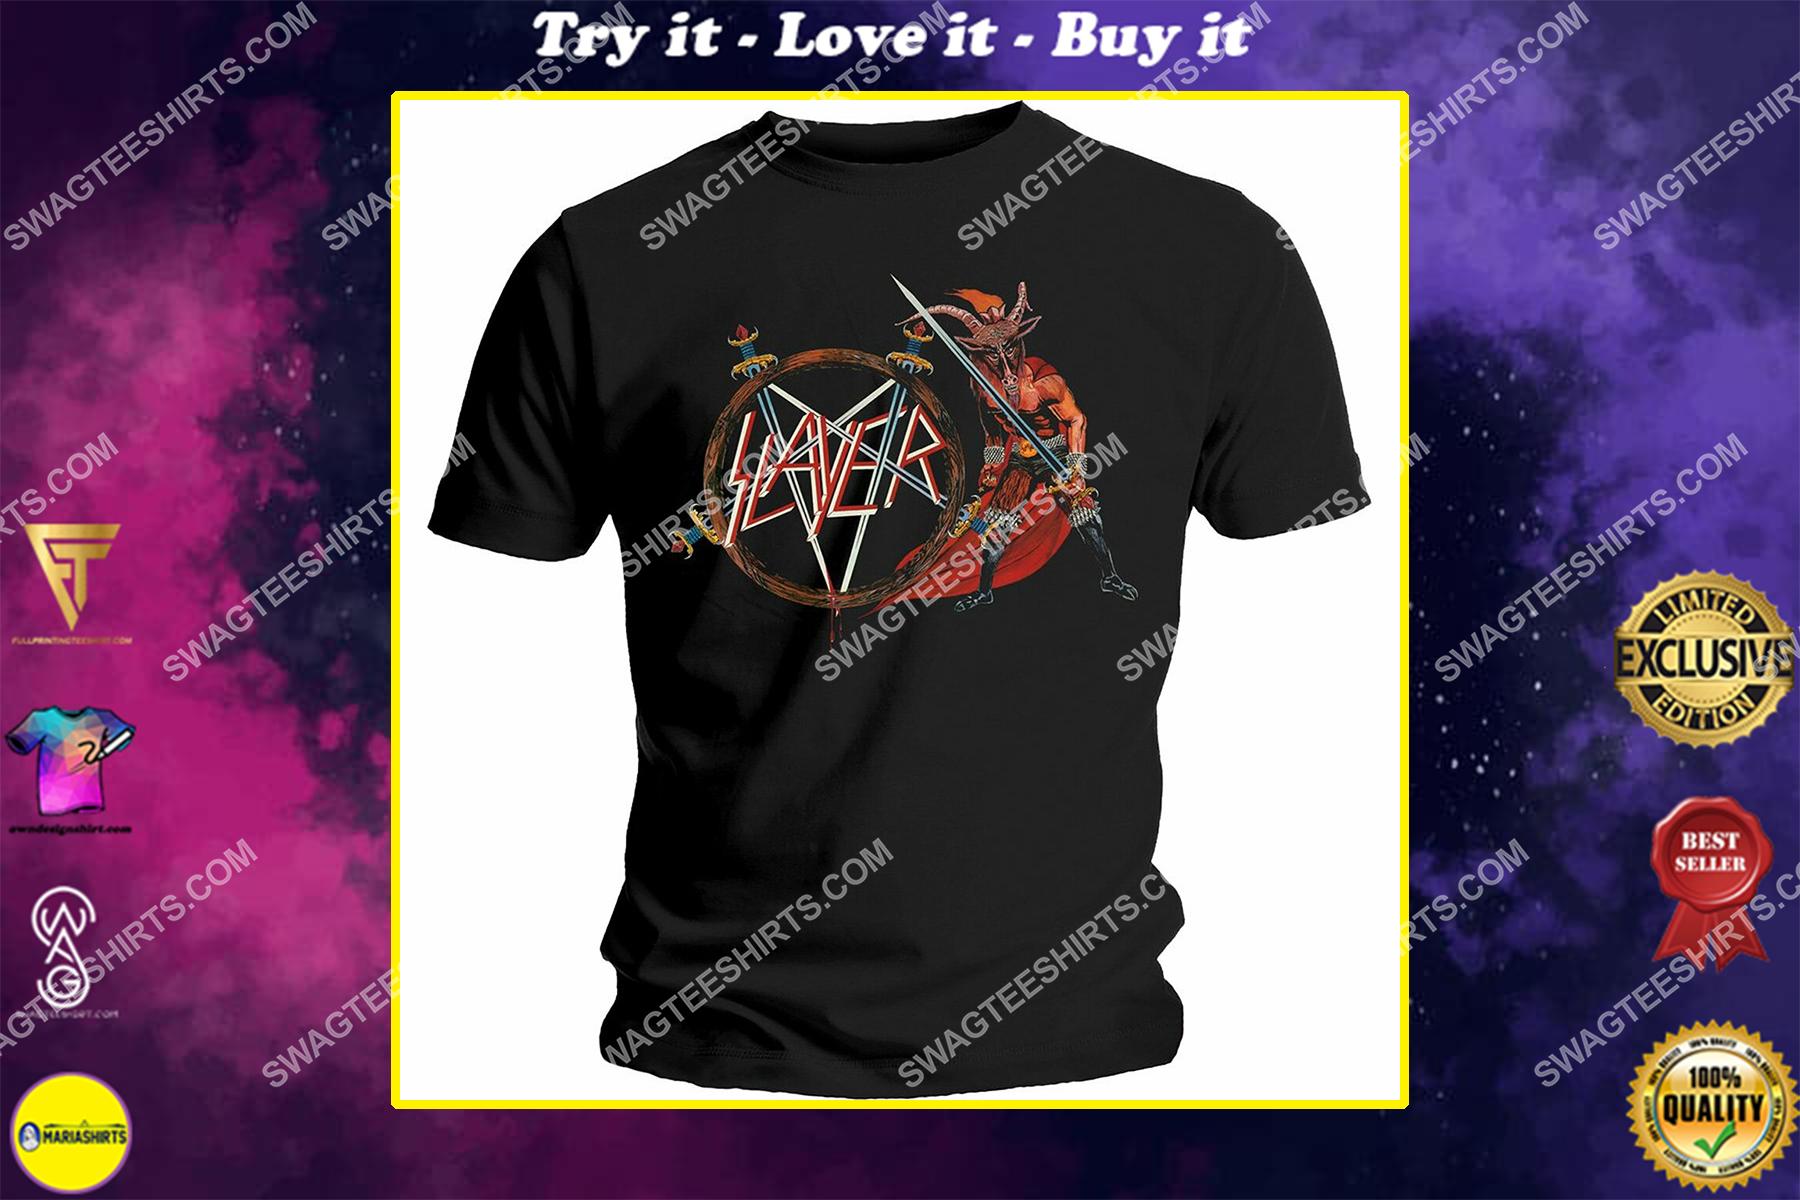 the slayer american thrash metal vintage shirt